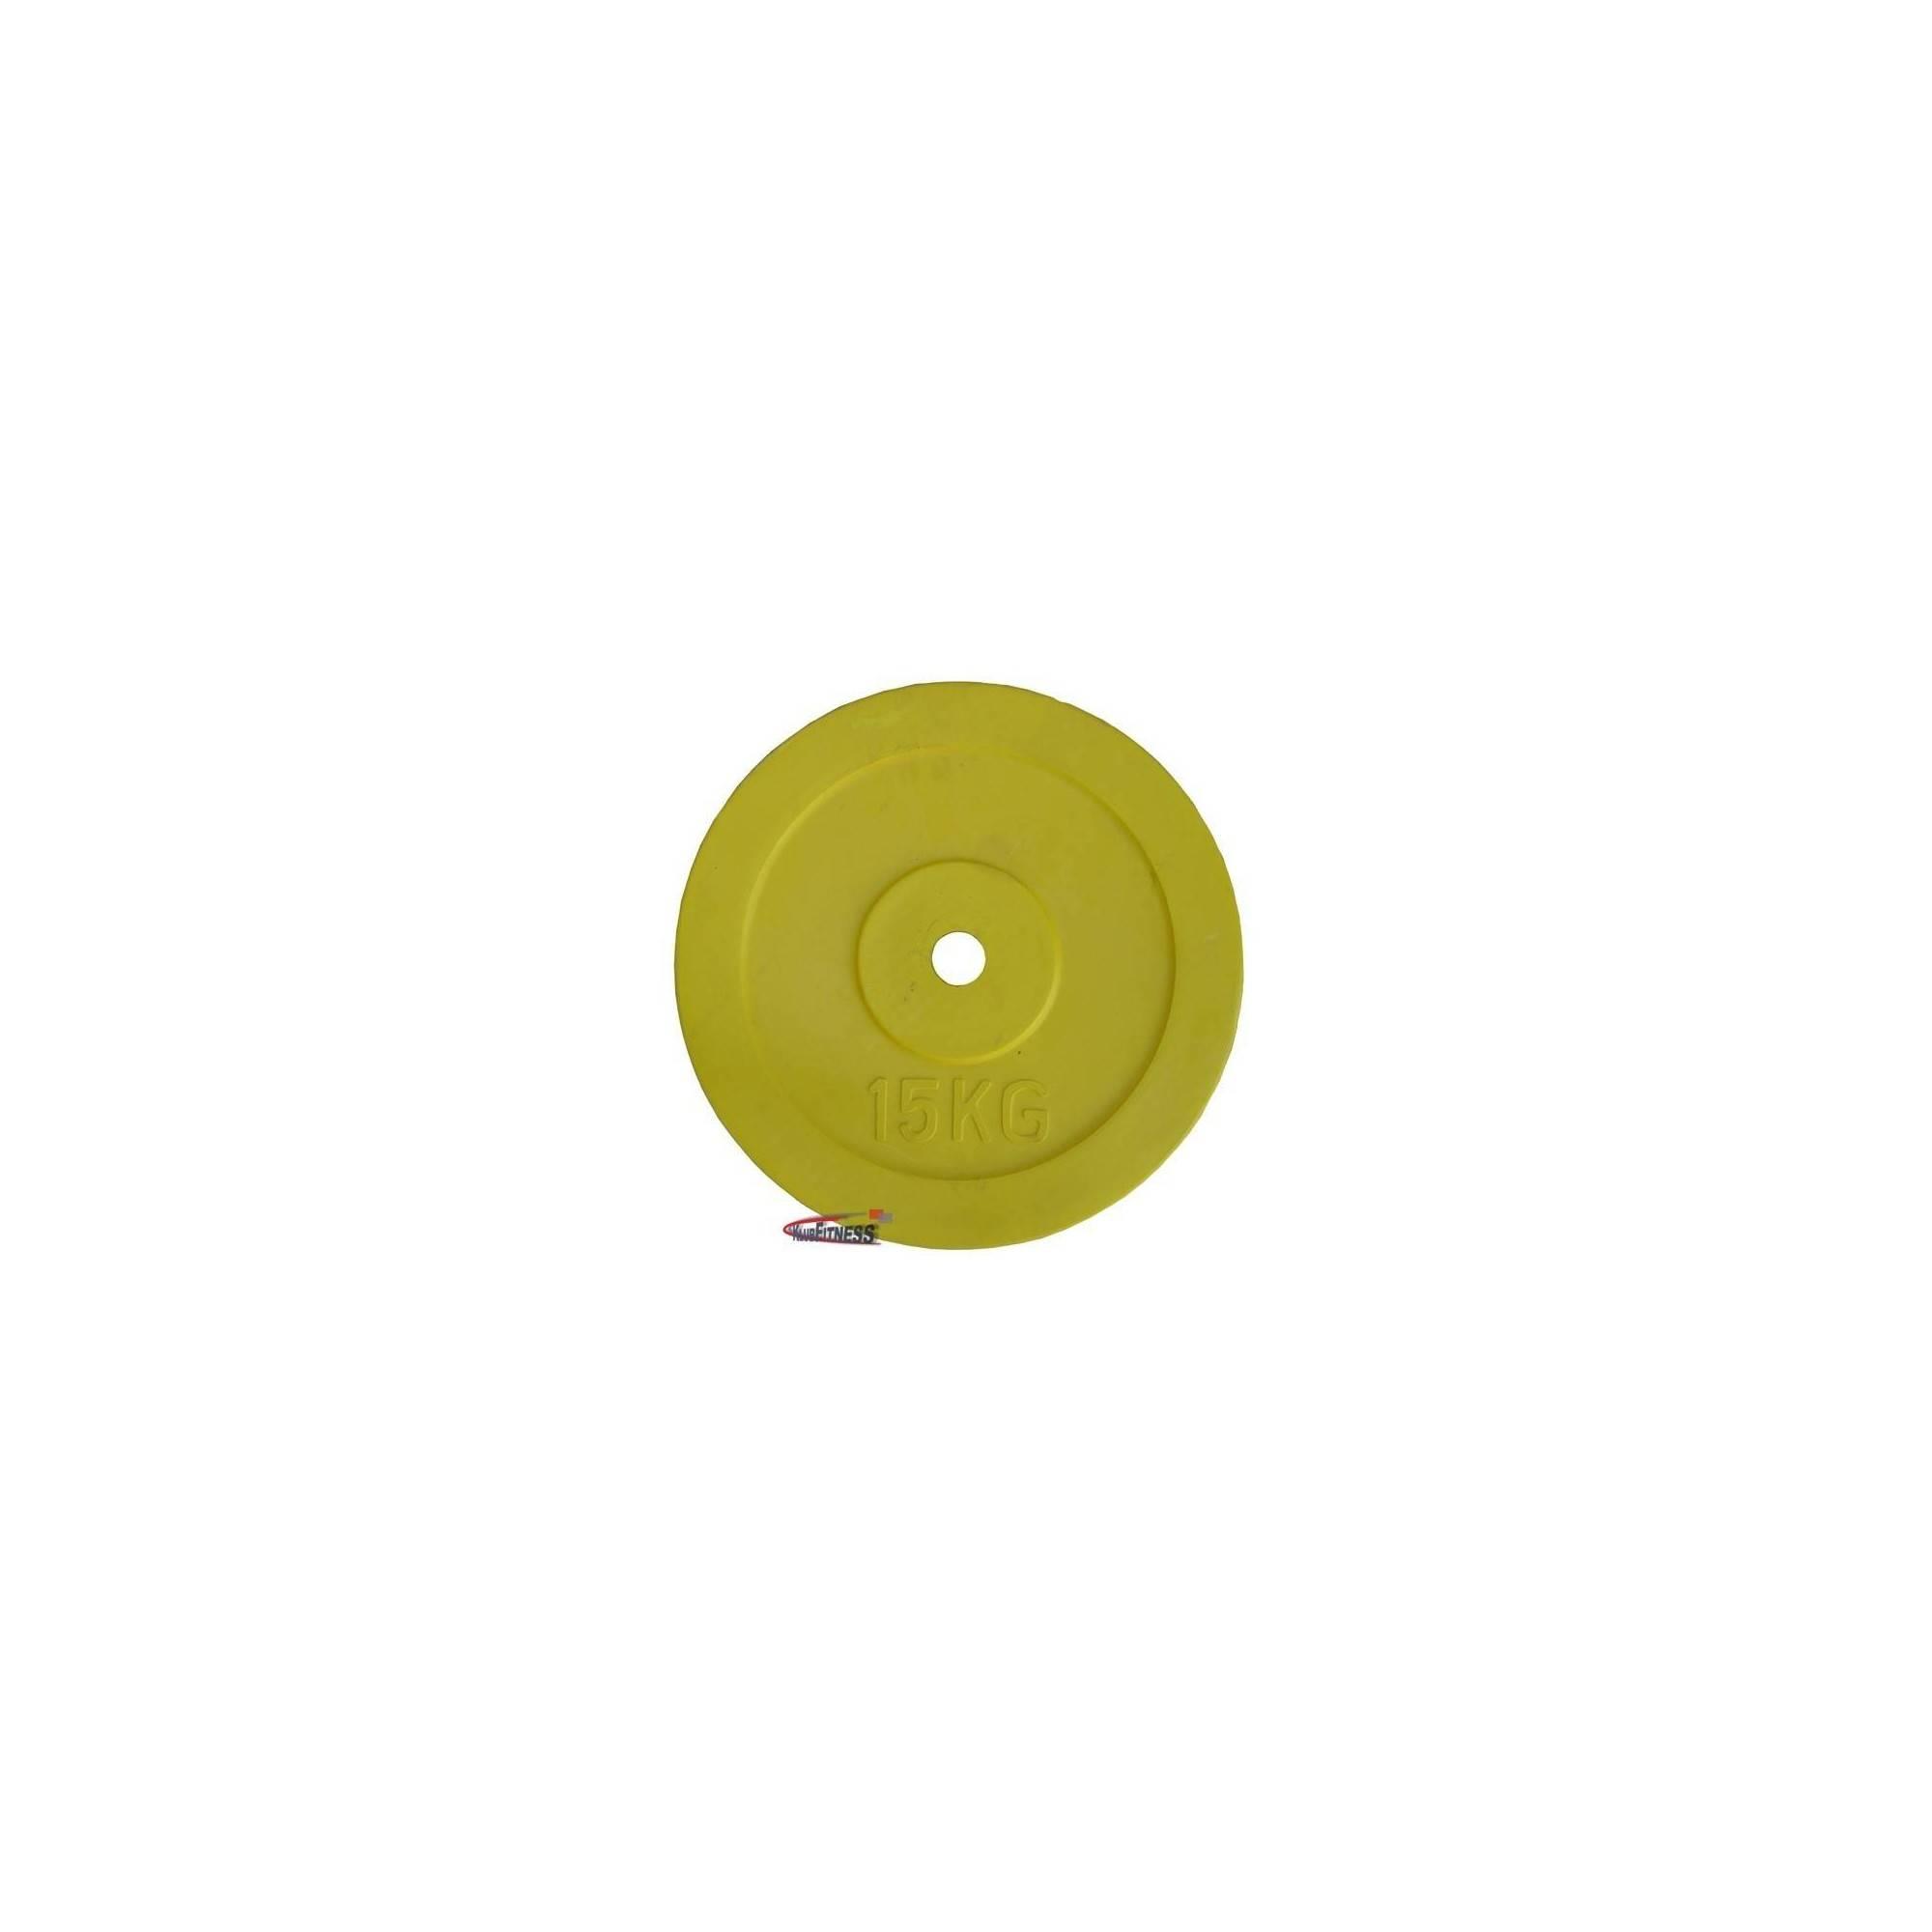 Obciążenie gumowane STAYER SPORT 15kg- średnica: 29mm,producent: STAYER SPORT, photo: 1